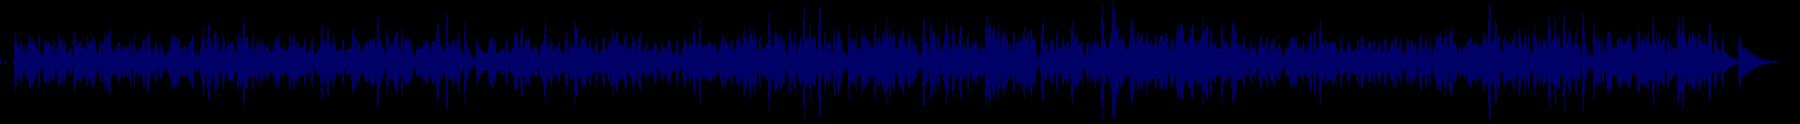 waveform of track #77856